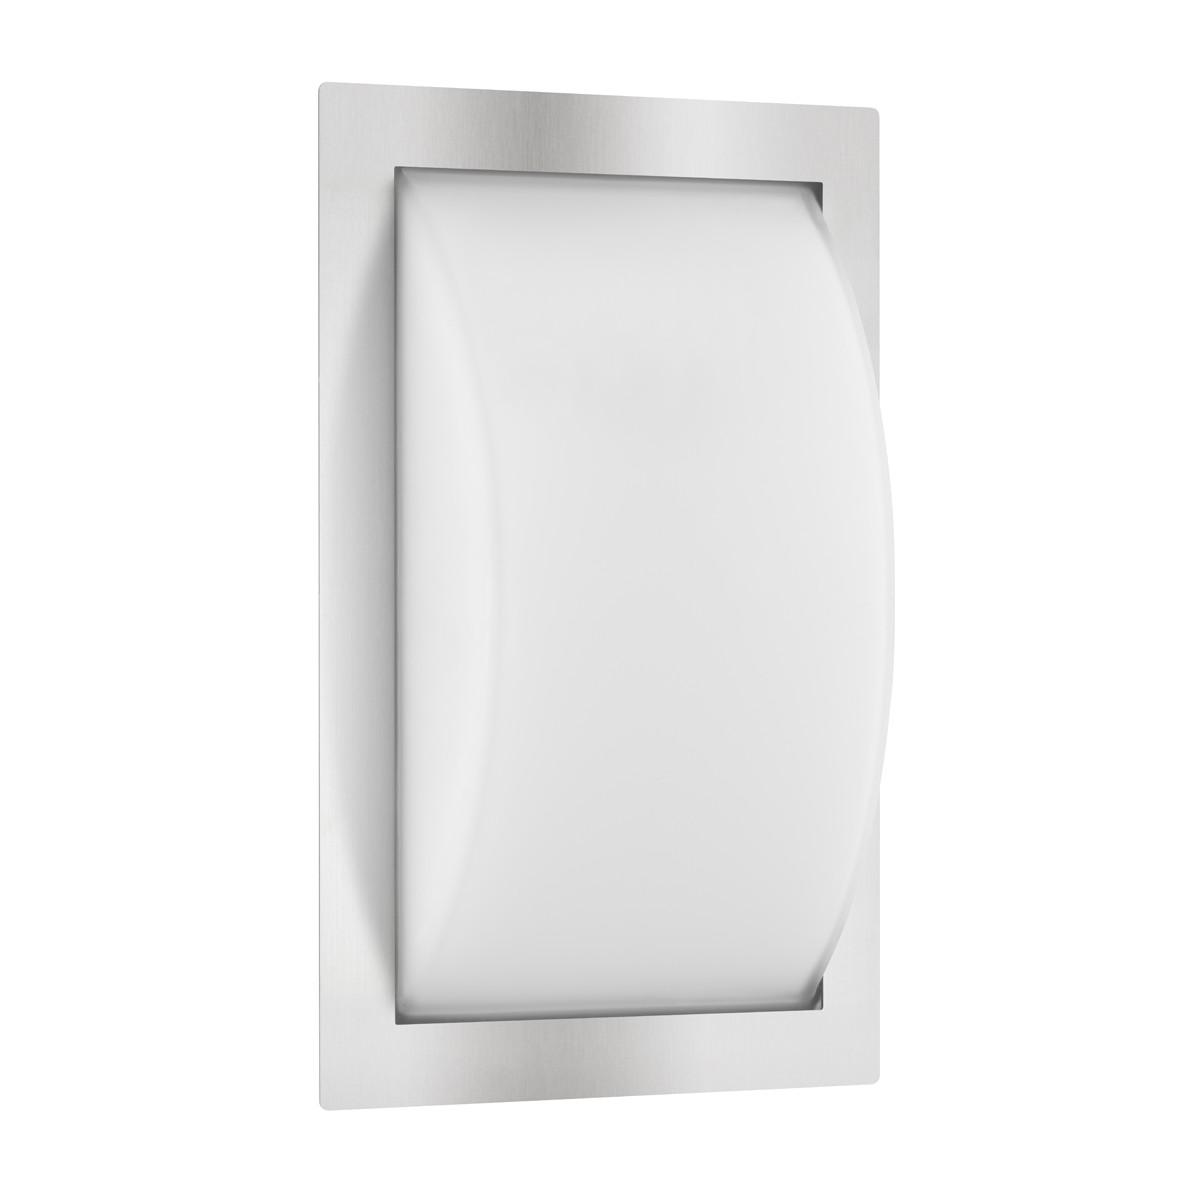 LCD Außenleuchten 050/051 Wandleuchte, Edelstahl, ohne Bewegungsmelder